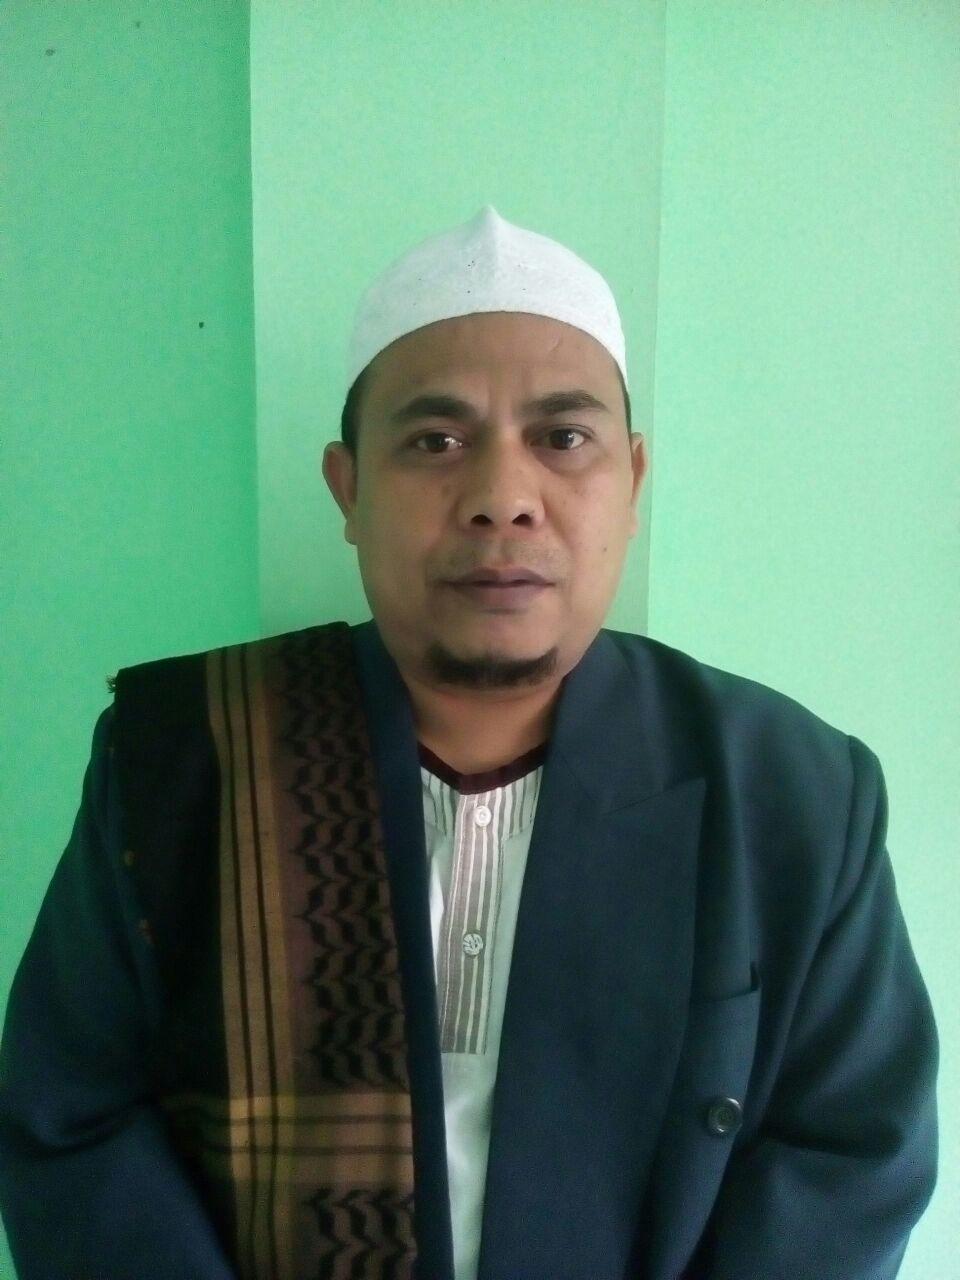 Makna Alhamdulilah ; Ketika Manusia Tak Layak Dapat Pujian